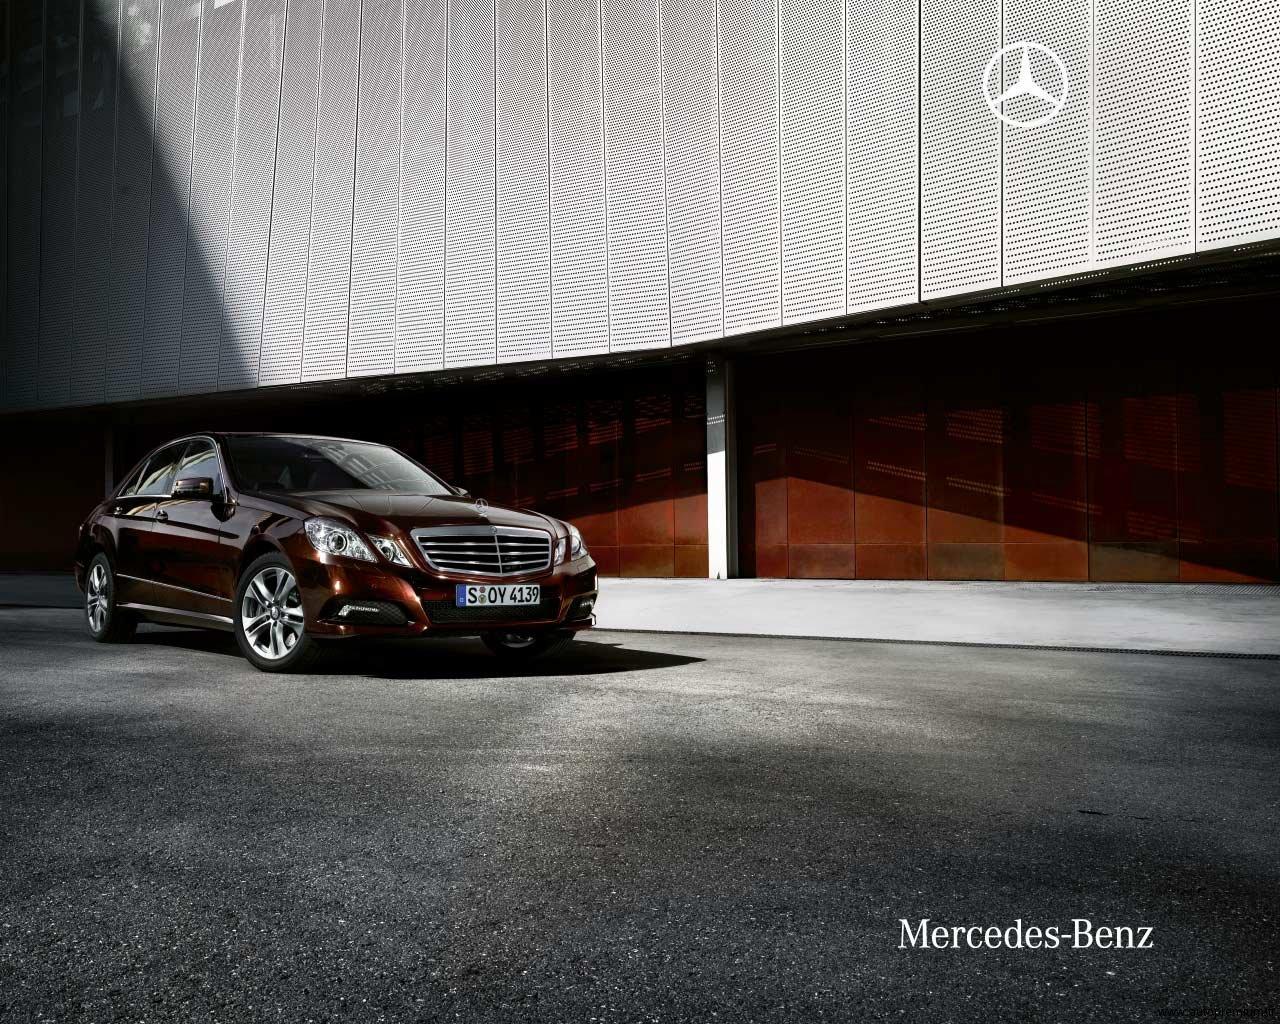 e class w212 gallery 01 1280x1024 01 2009 La nouvelle Mercedes classe E